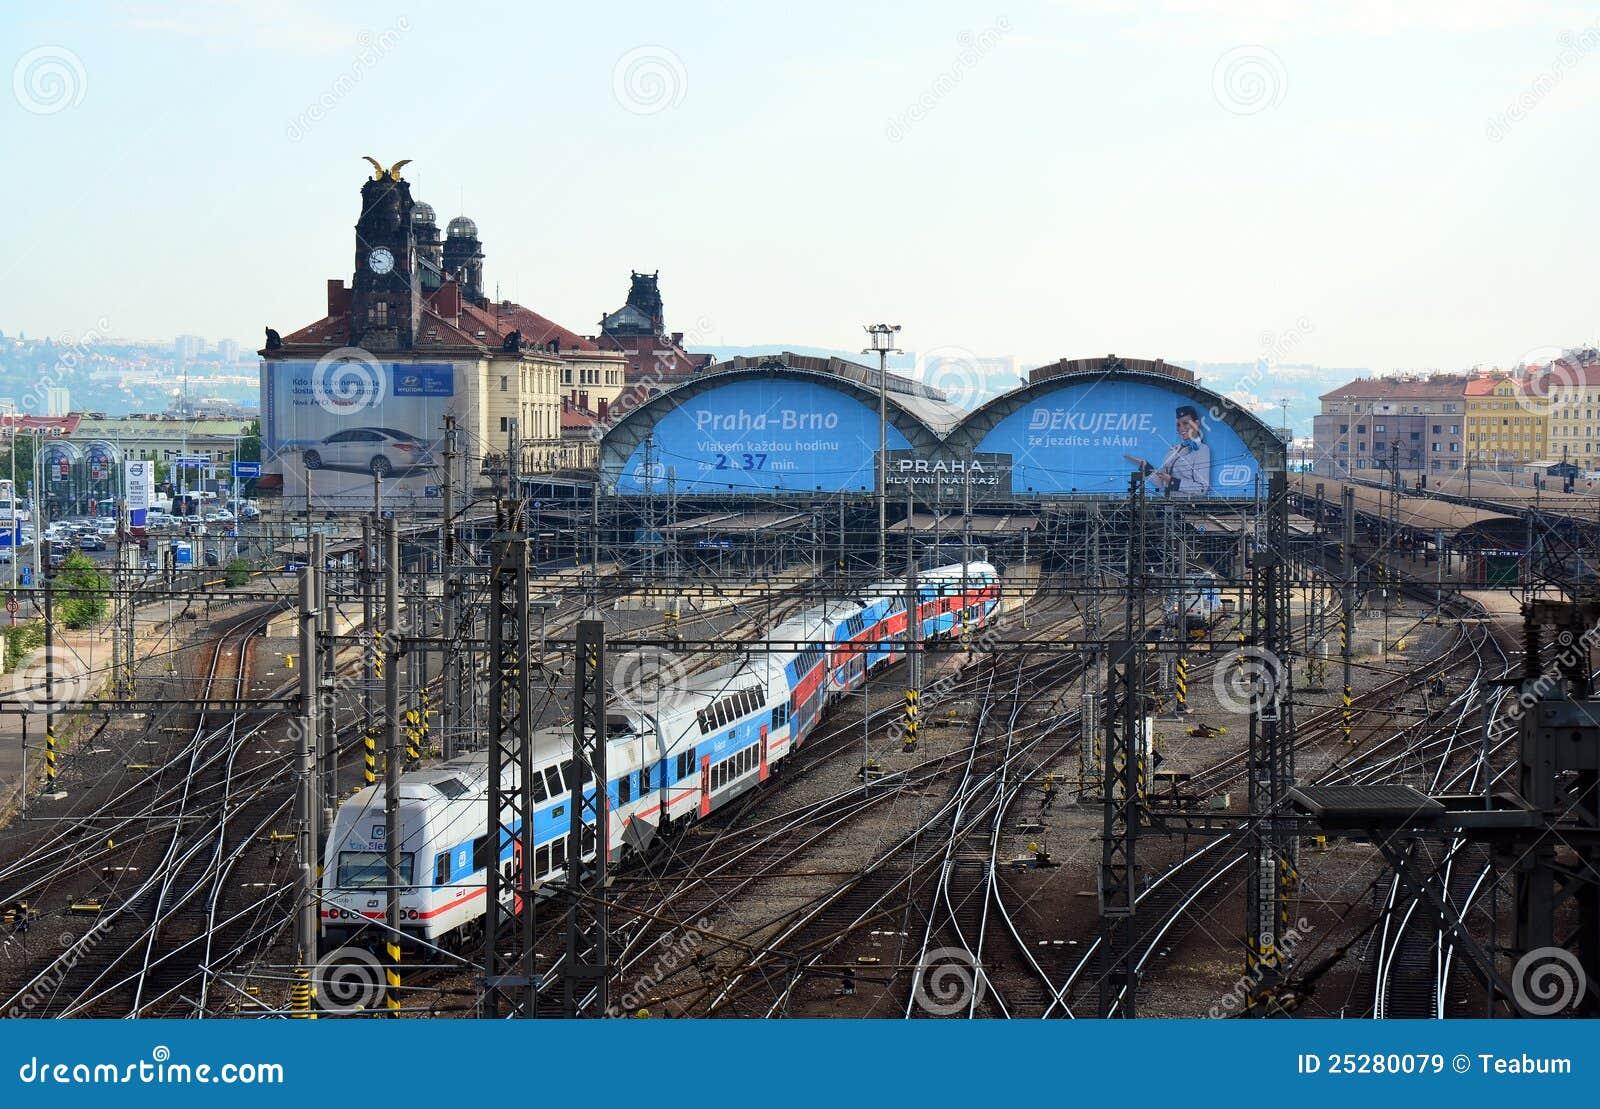 Prague train station city elephant train editorial stock for Designhotel elephant prague 1 czech republic